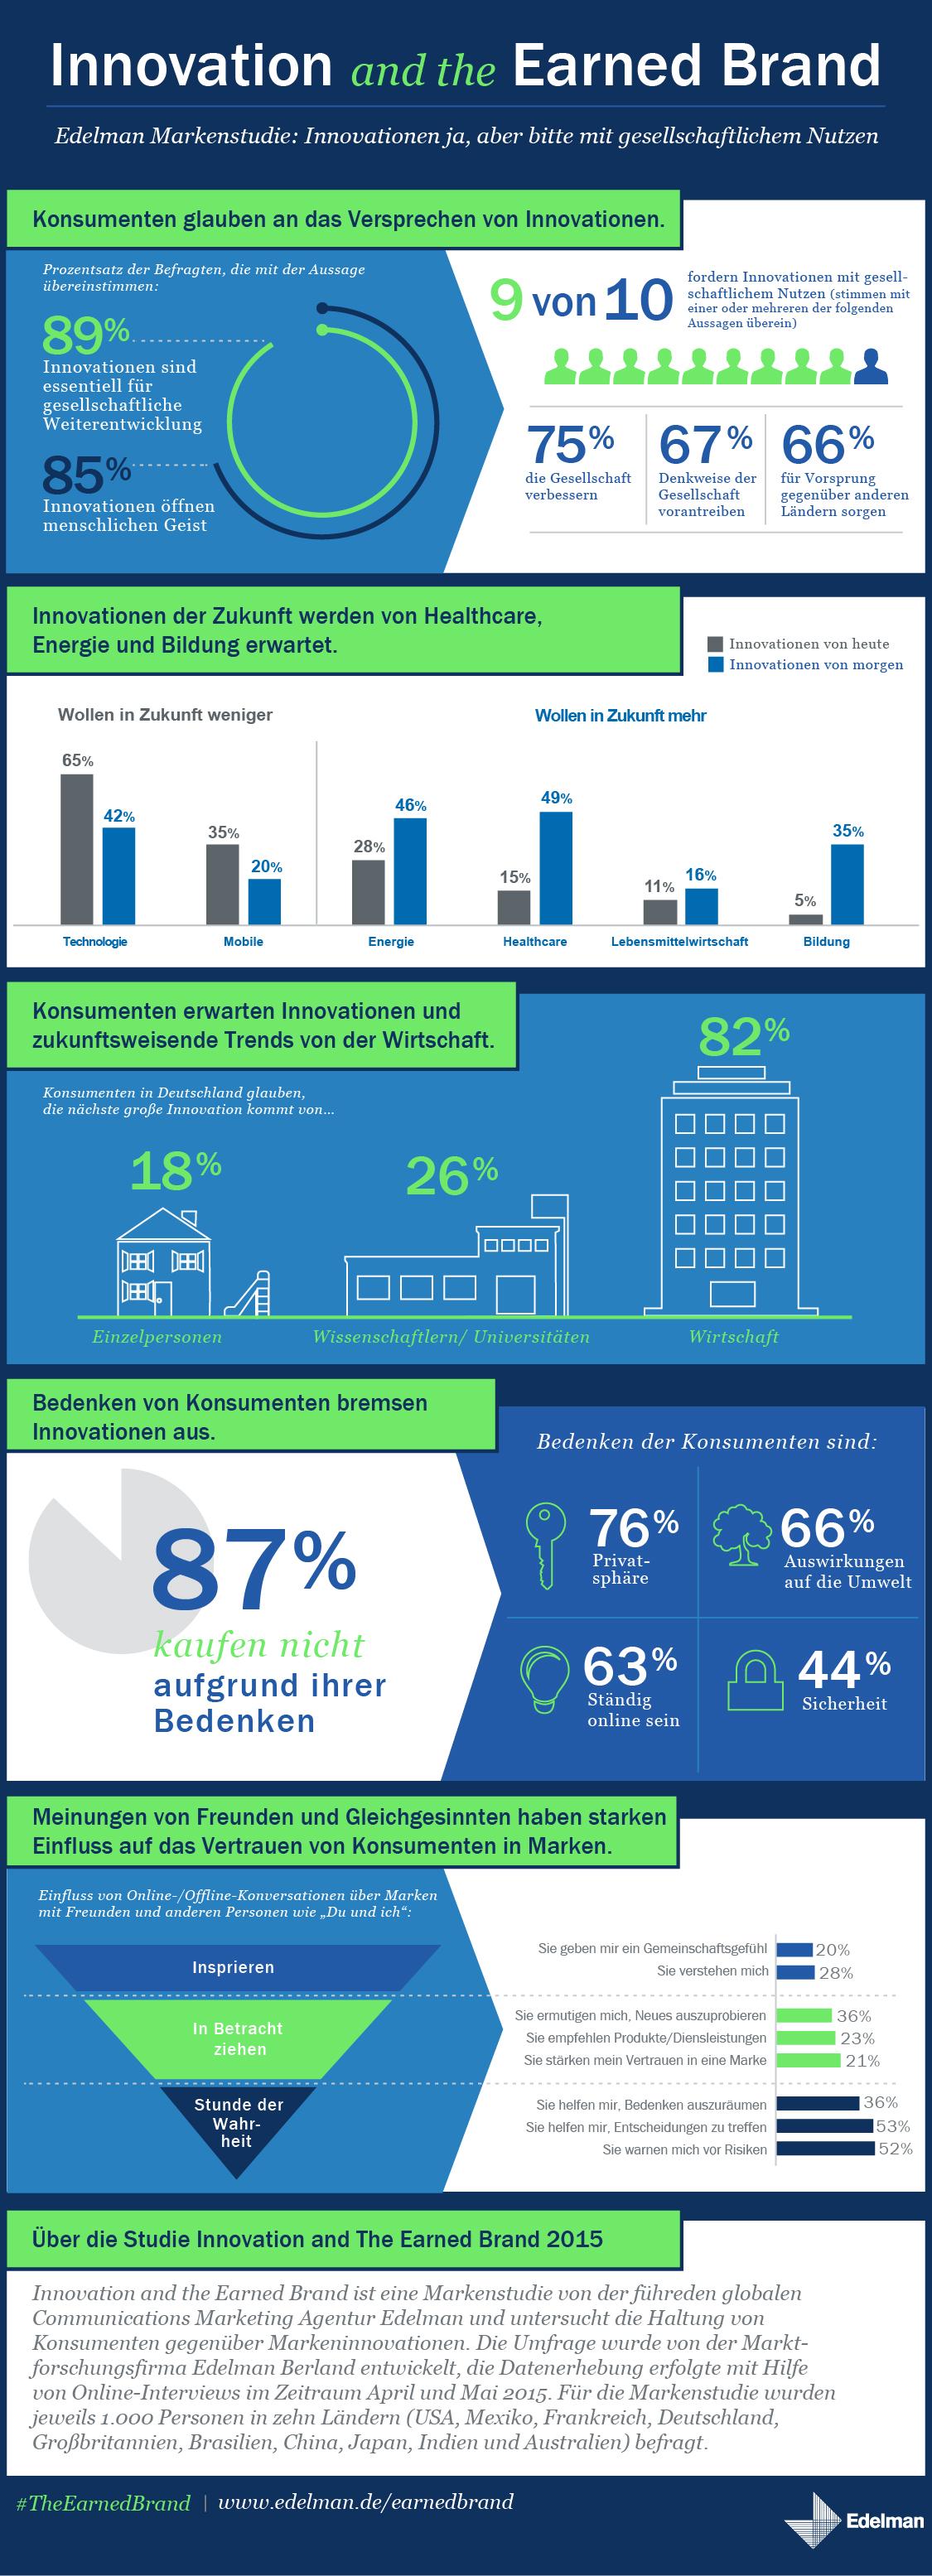 Infografik Edelman Markenstudie Innovation and the Earned Brand